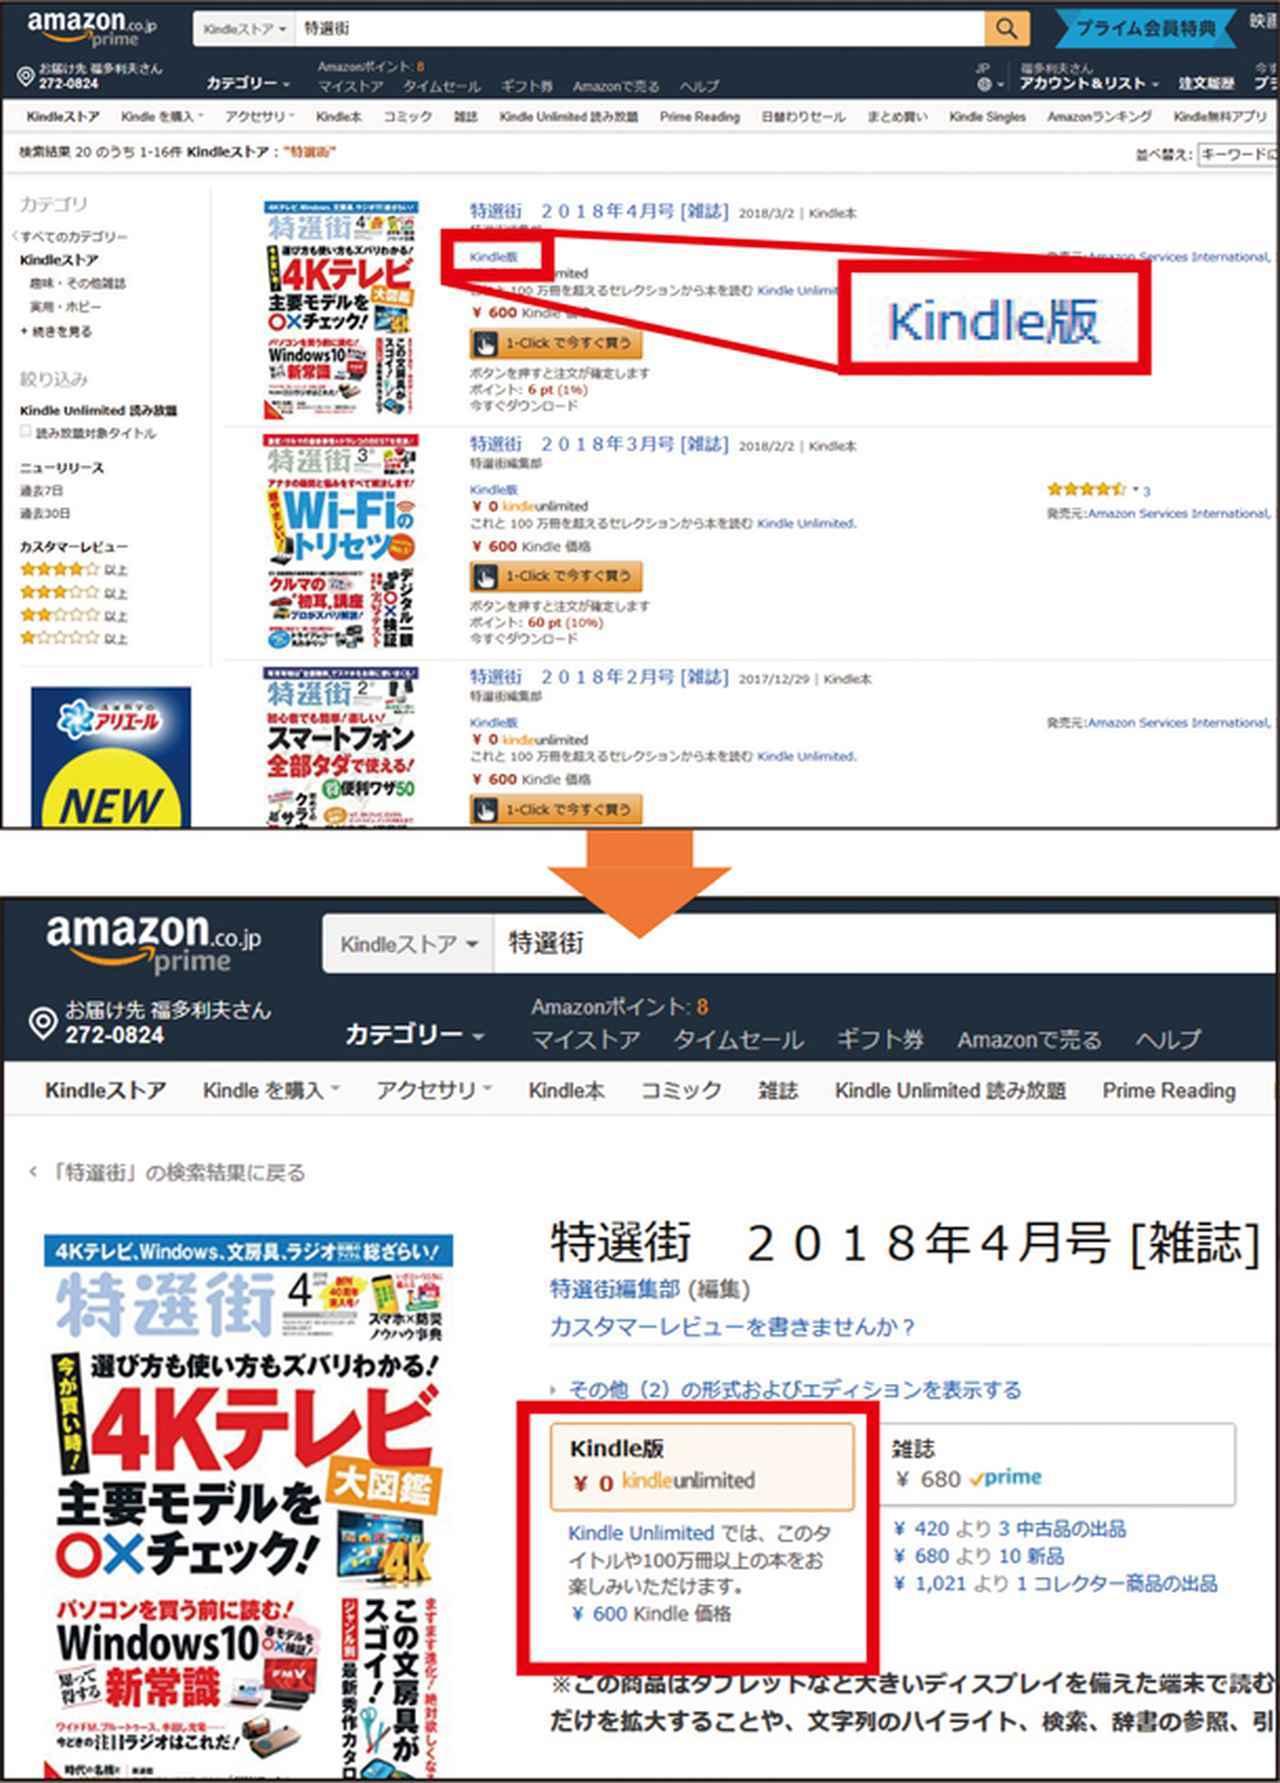 画像: パソコンの場合、本を検索し、詳細ページから1-Clickやカート経由で購入する。Kindle版であることの確認を忘れないように。